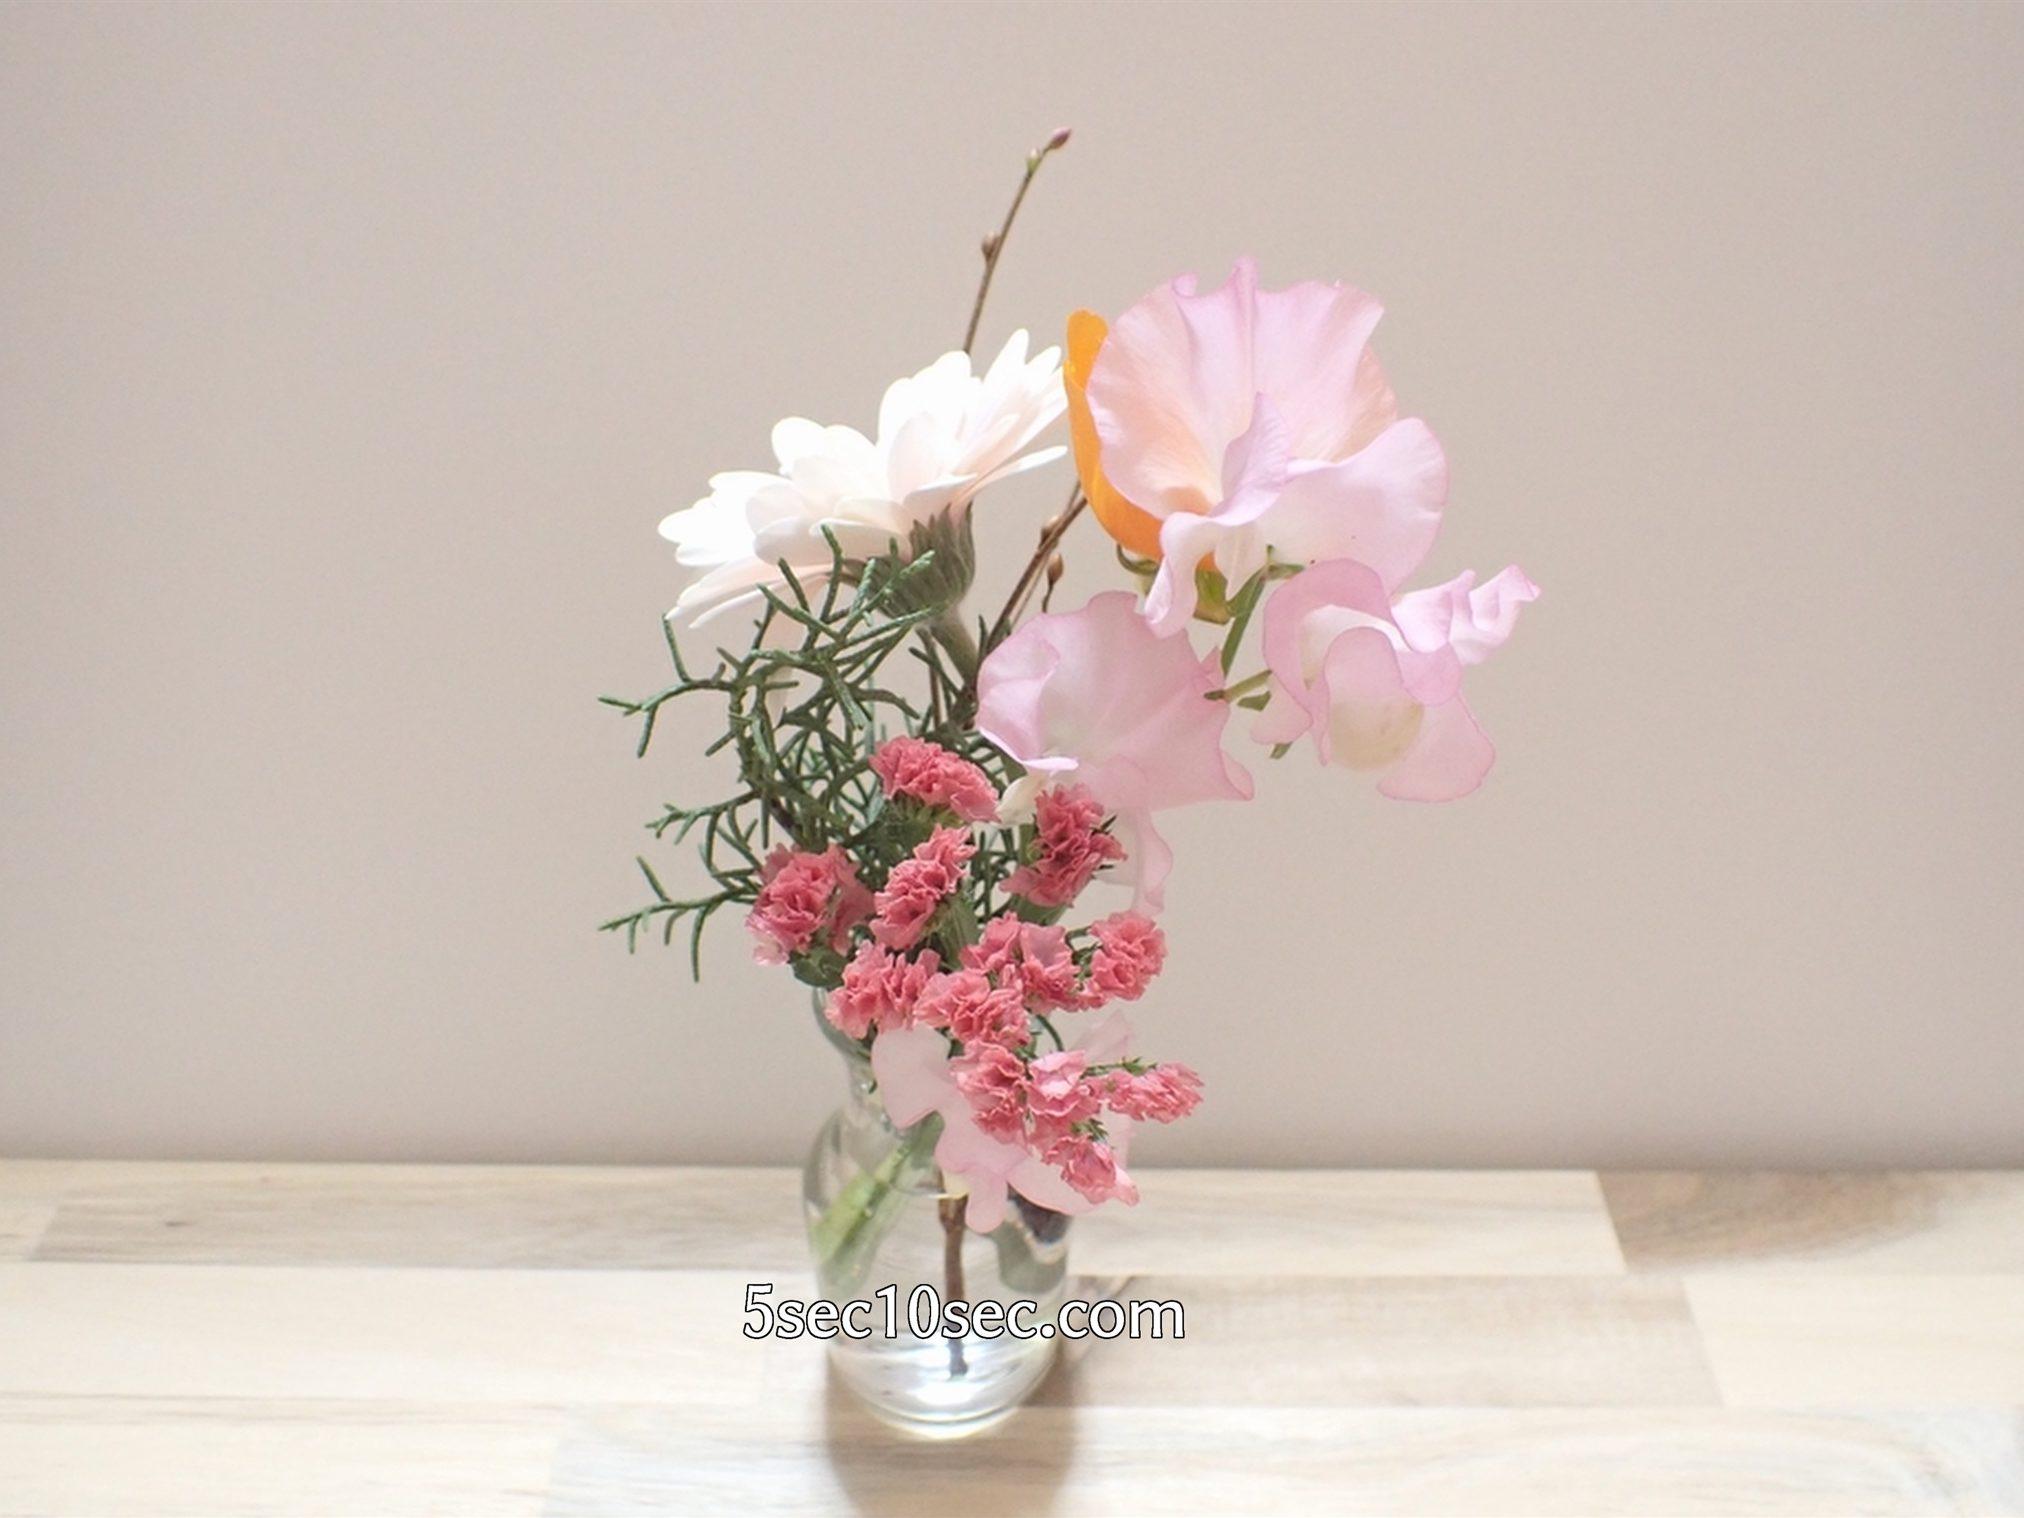 株式会社Crunch Style お花の定期便 Bloomee LIFE ブルーミーライフ 800円のレギュラープラン スイトピー、スターチスを前に持ってくると春らしく可愛い印象